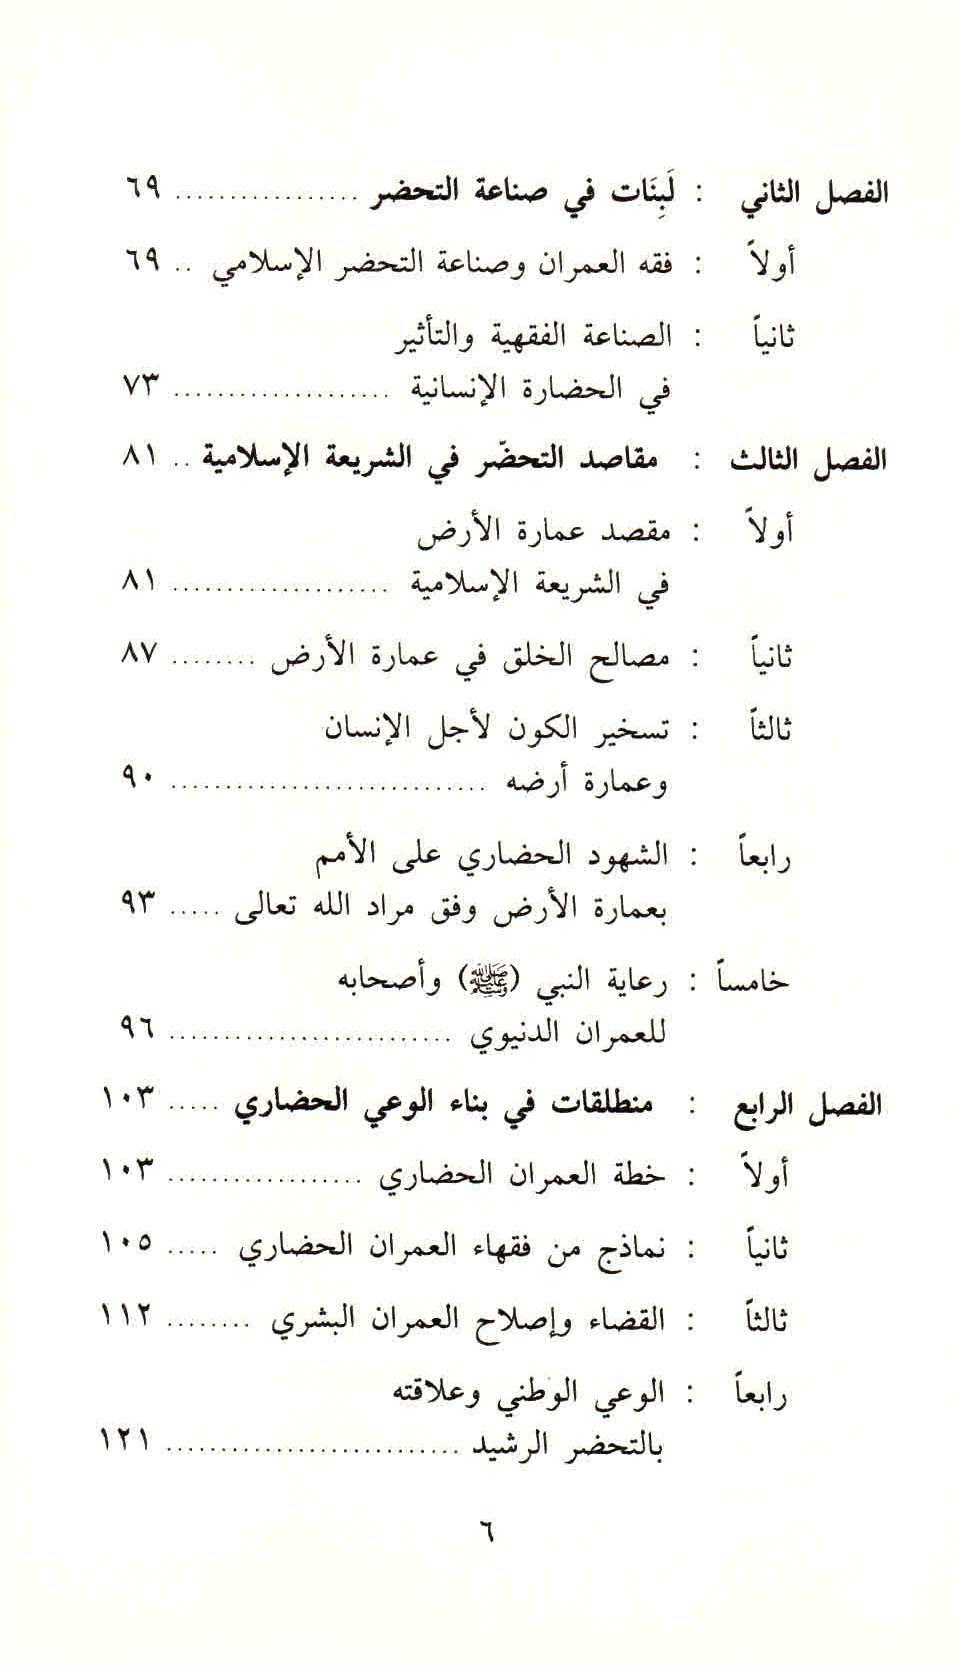 ص 6محتويات كتاب الوعي الحضاري